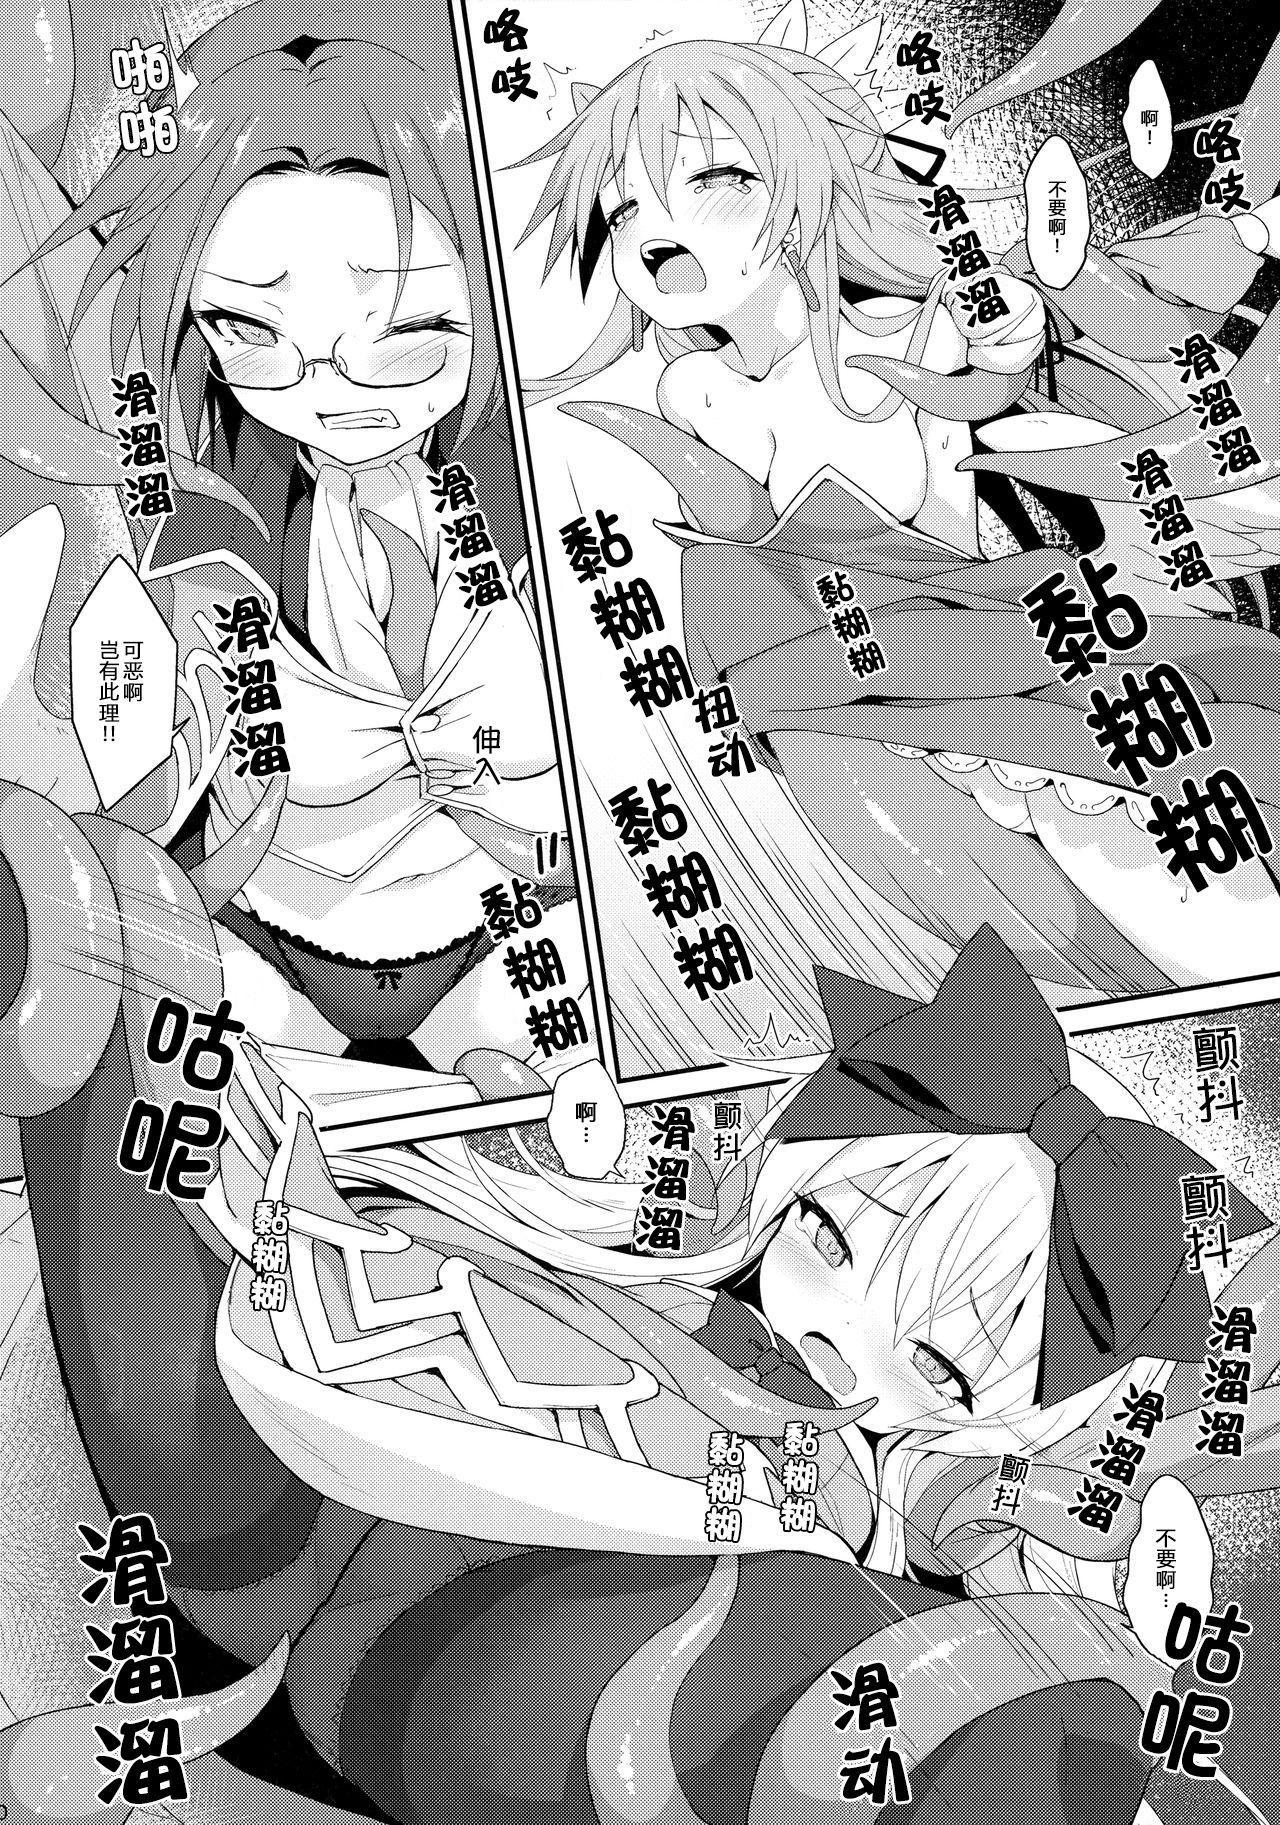 Alma ga Arekore Sareru no o Nagameru Hon. 5 | 偷窺被不停玩弄的阿爾瑪5 10